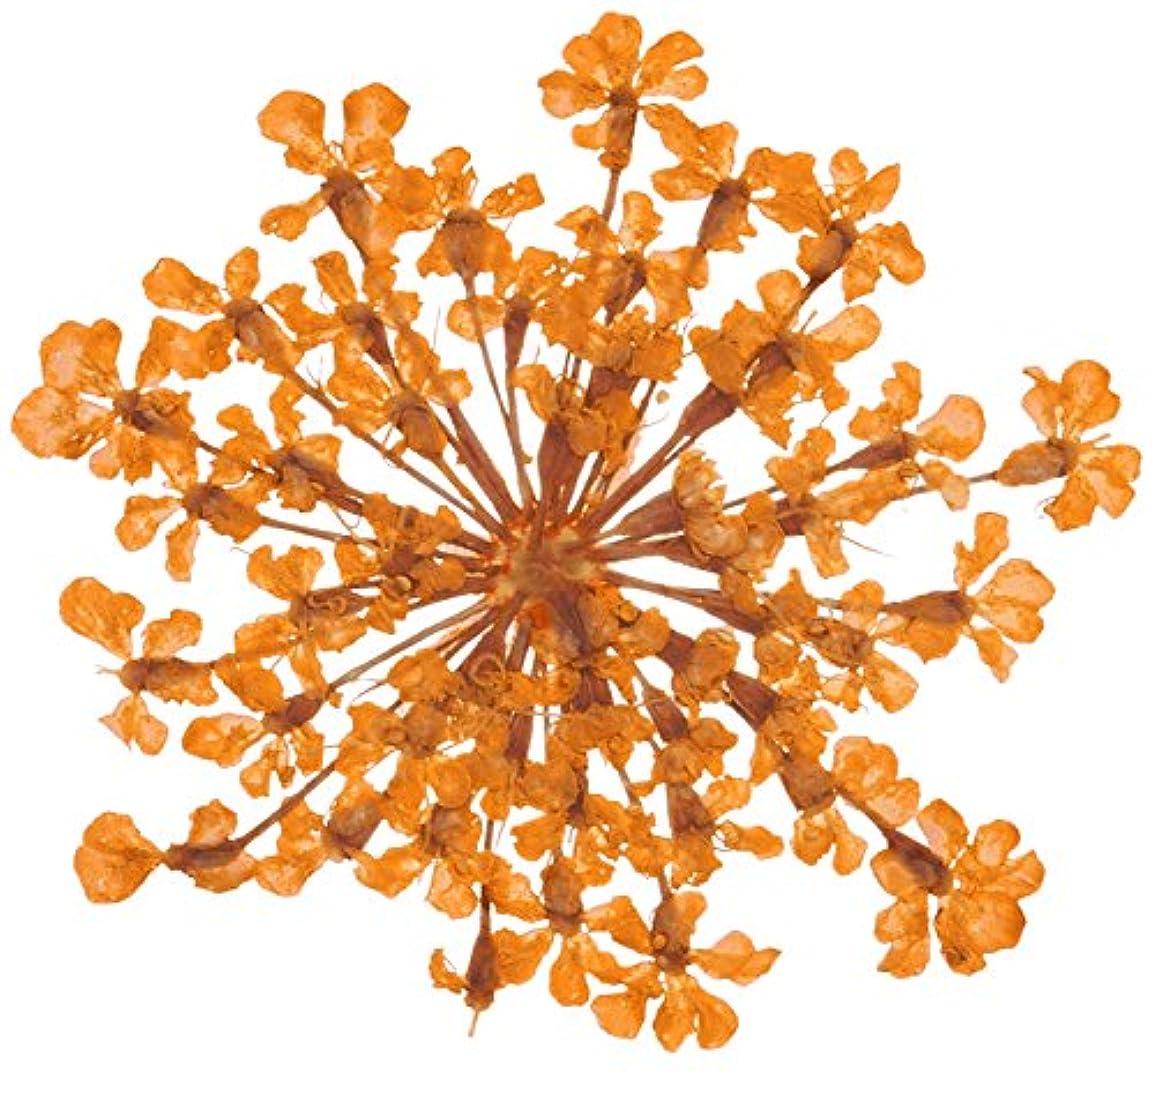 膨らませる進化バルーンベィビーズブレス BB-7 オレンジ 約10枚